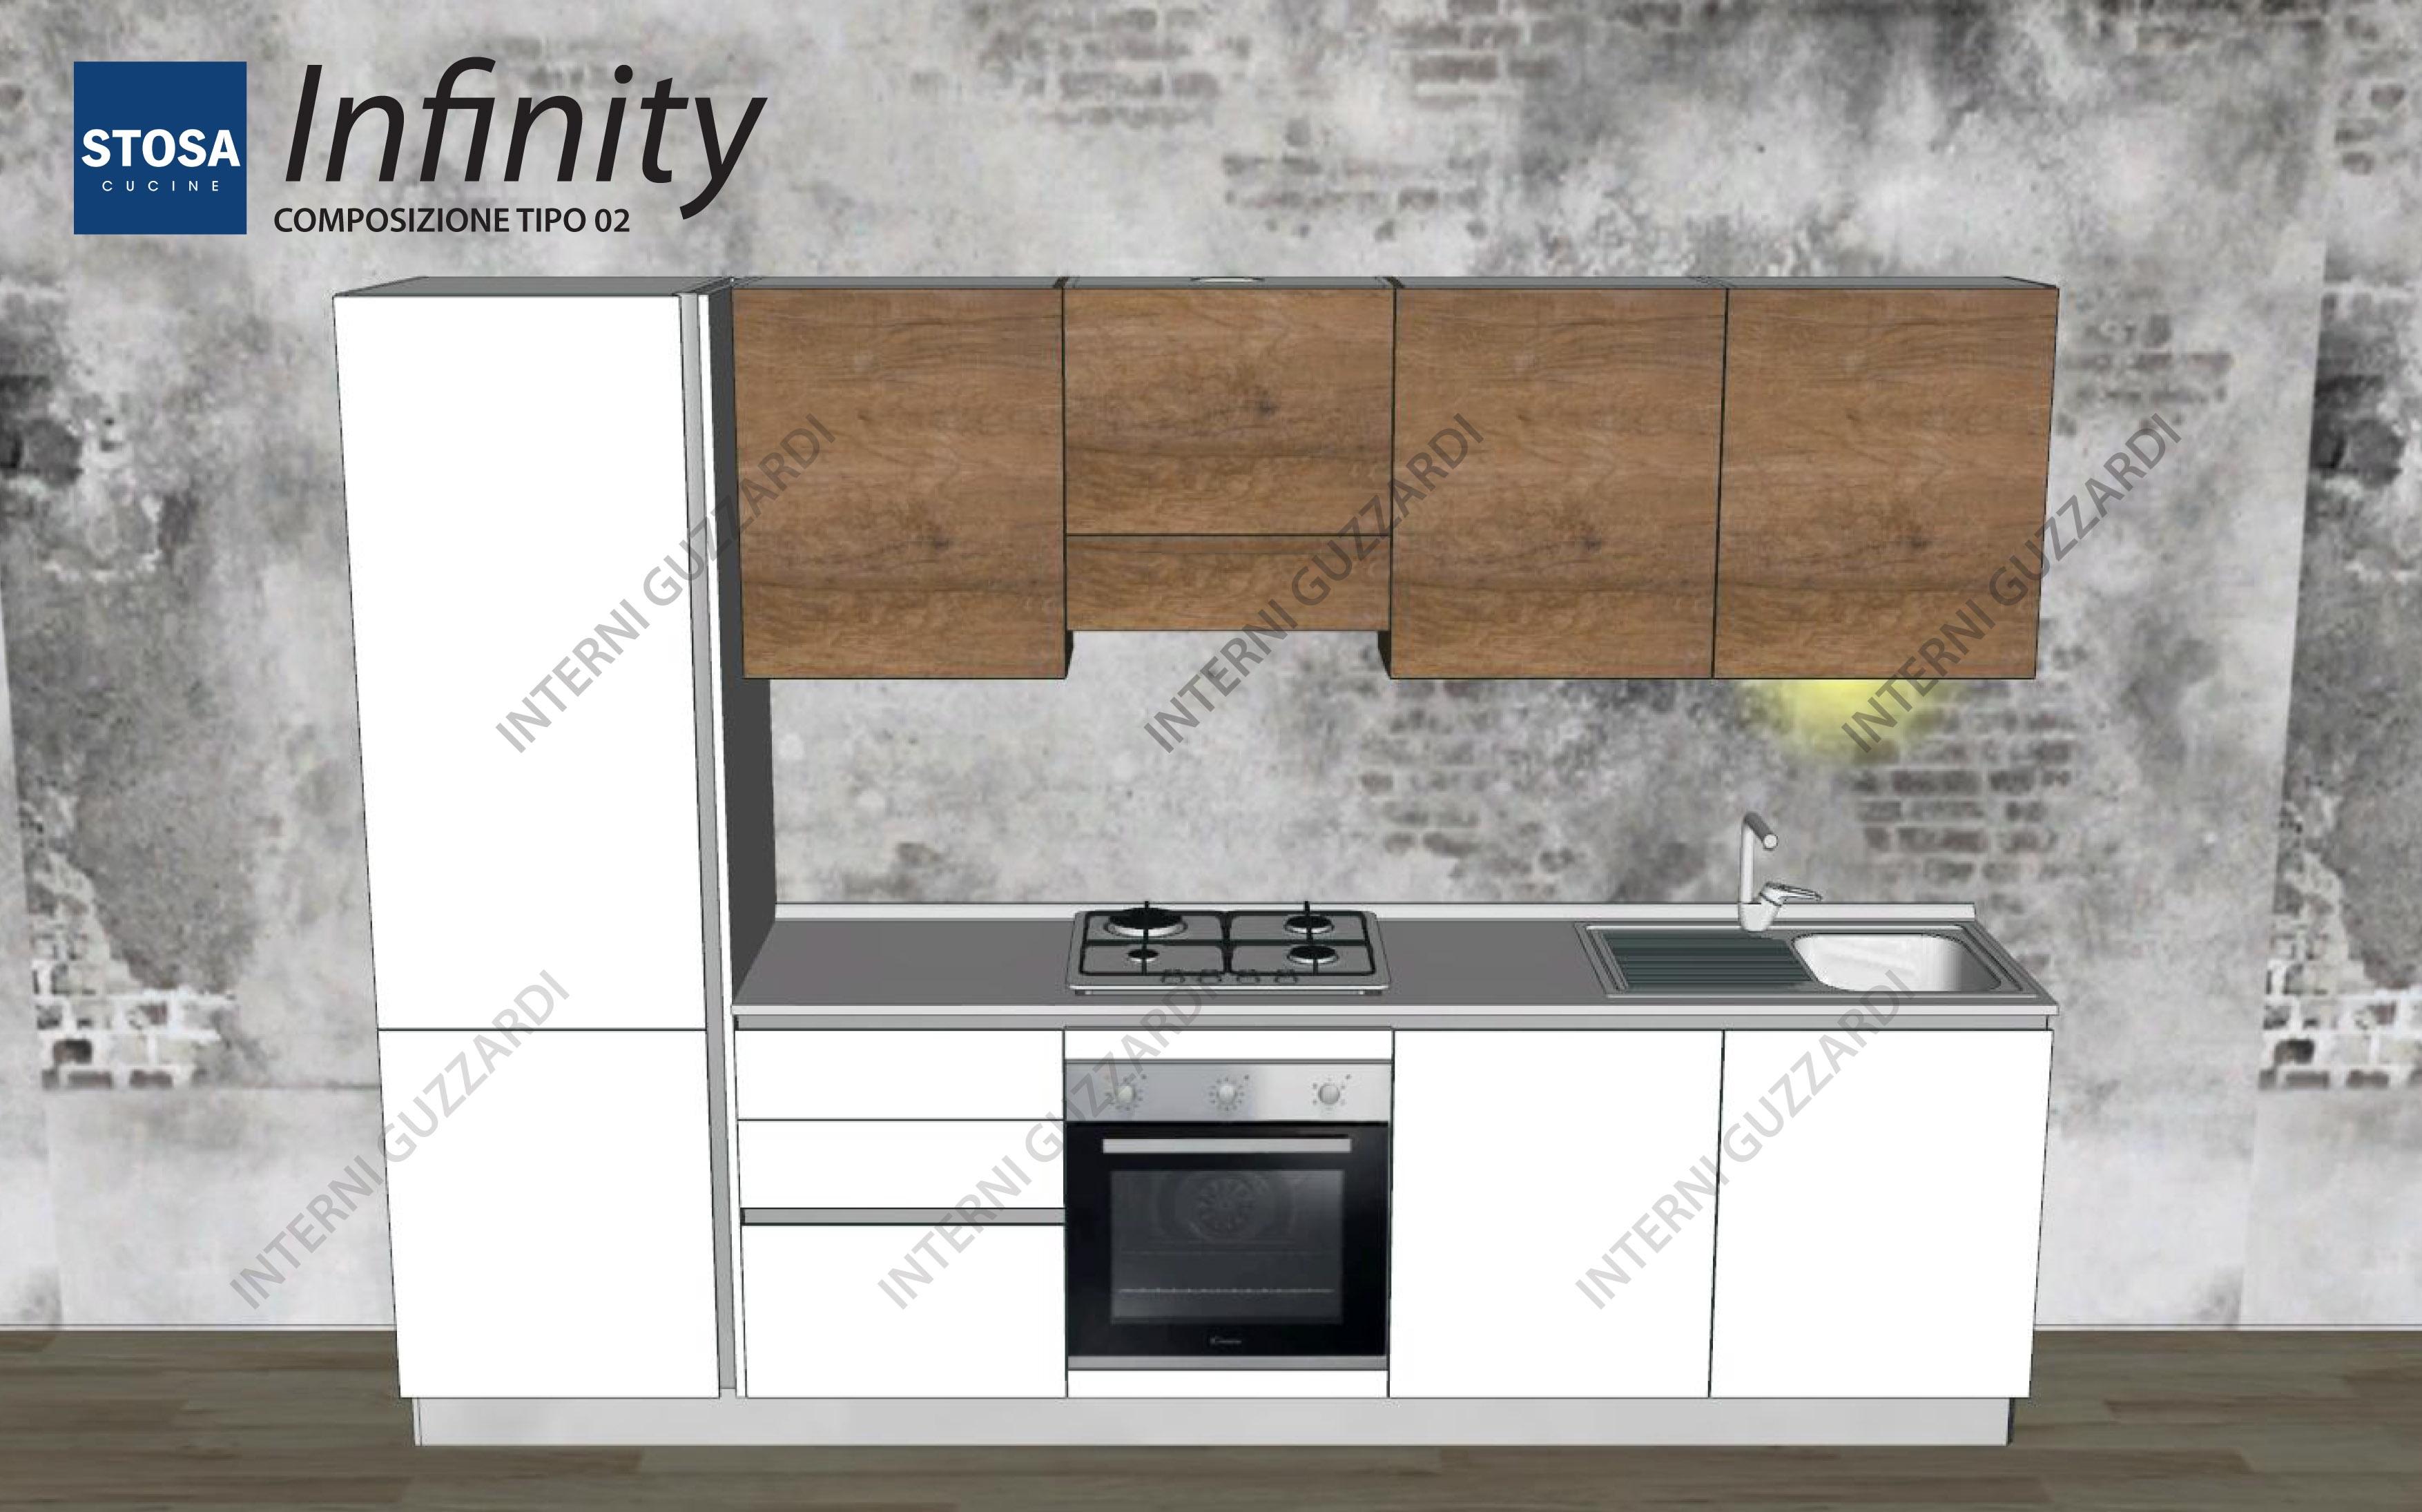 Cucina stosa cucine infinity composizione tipo 02 cucine a prezzi scontati - Cucine stosa opinioni ...